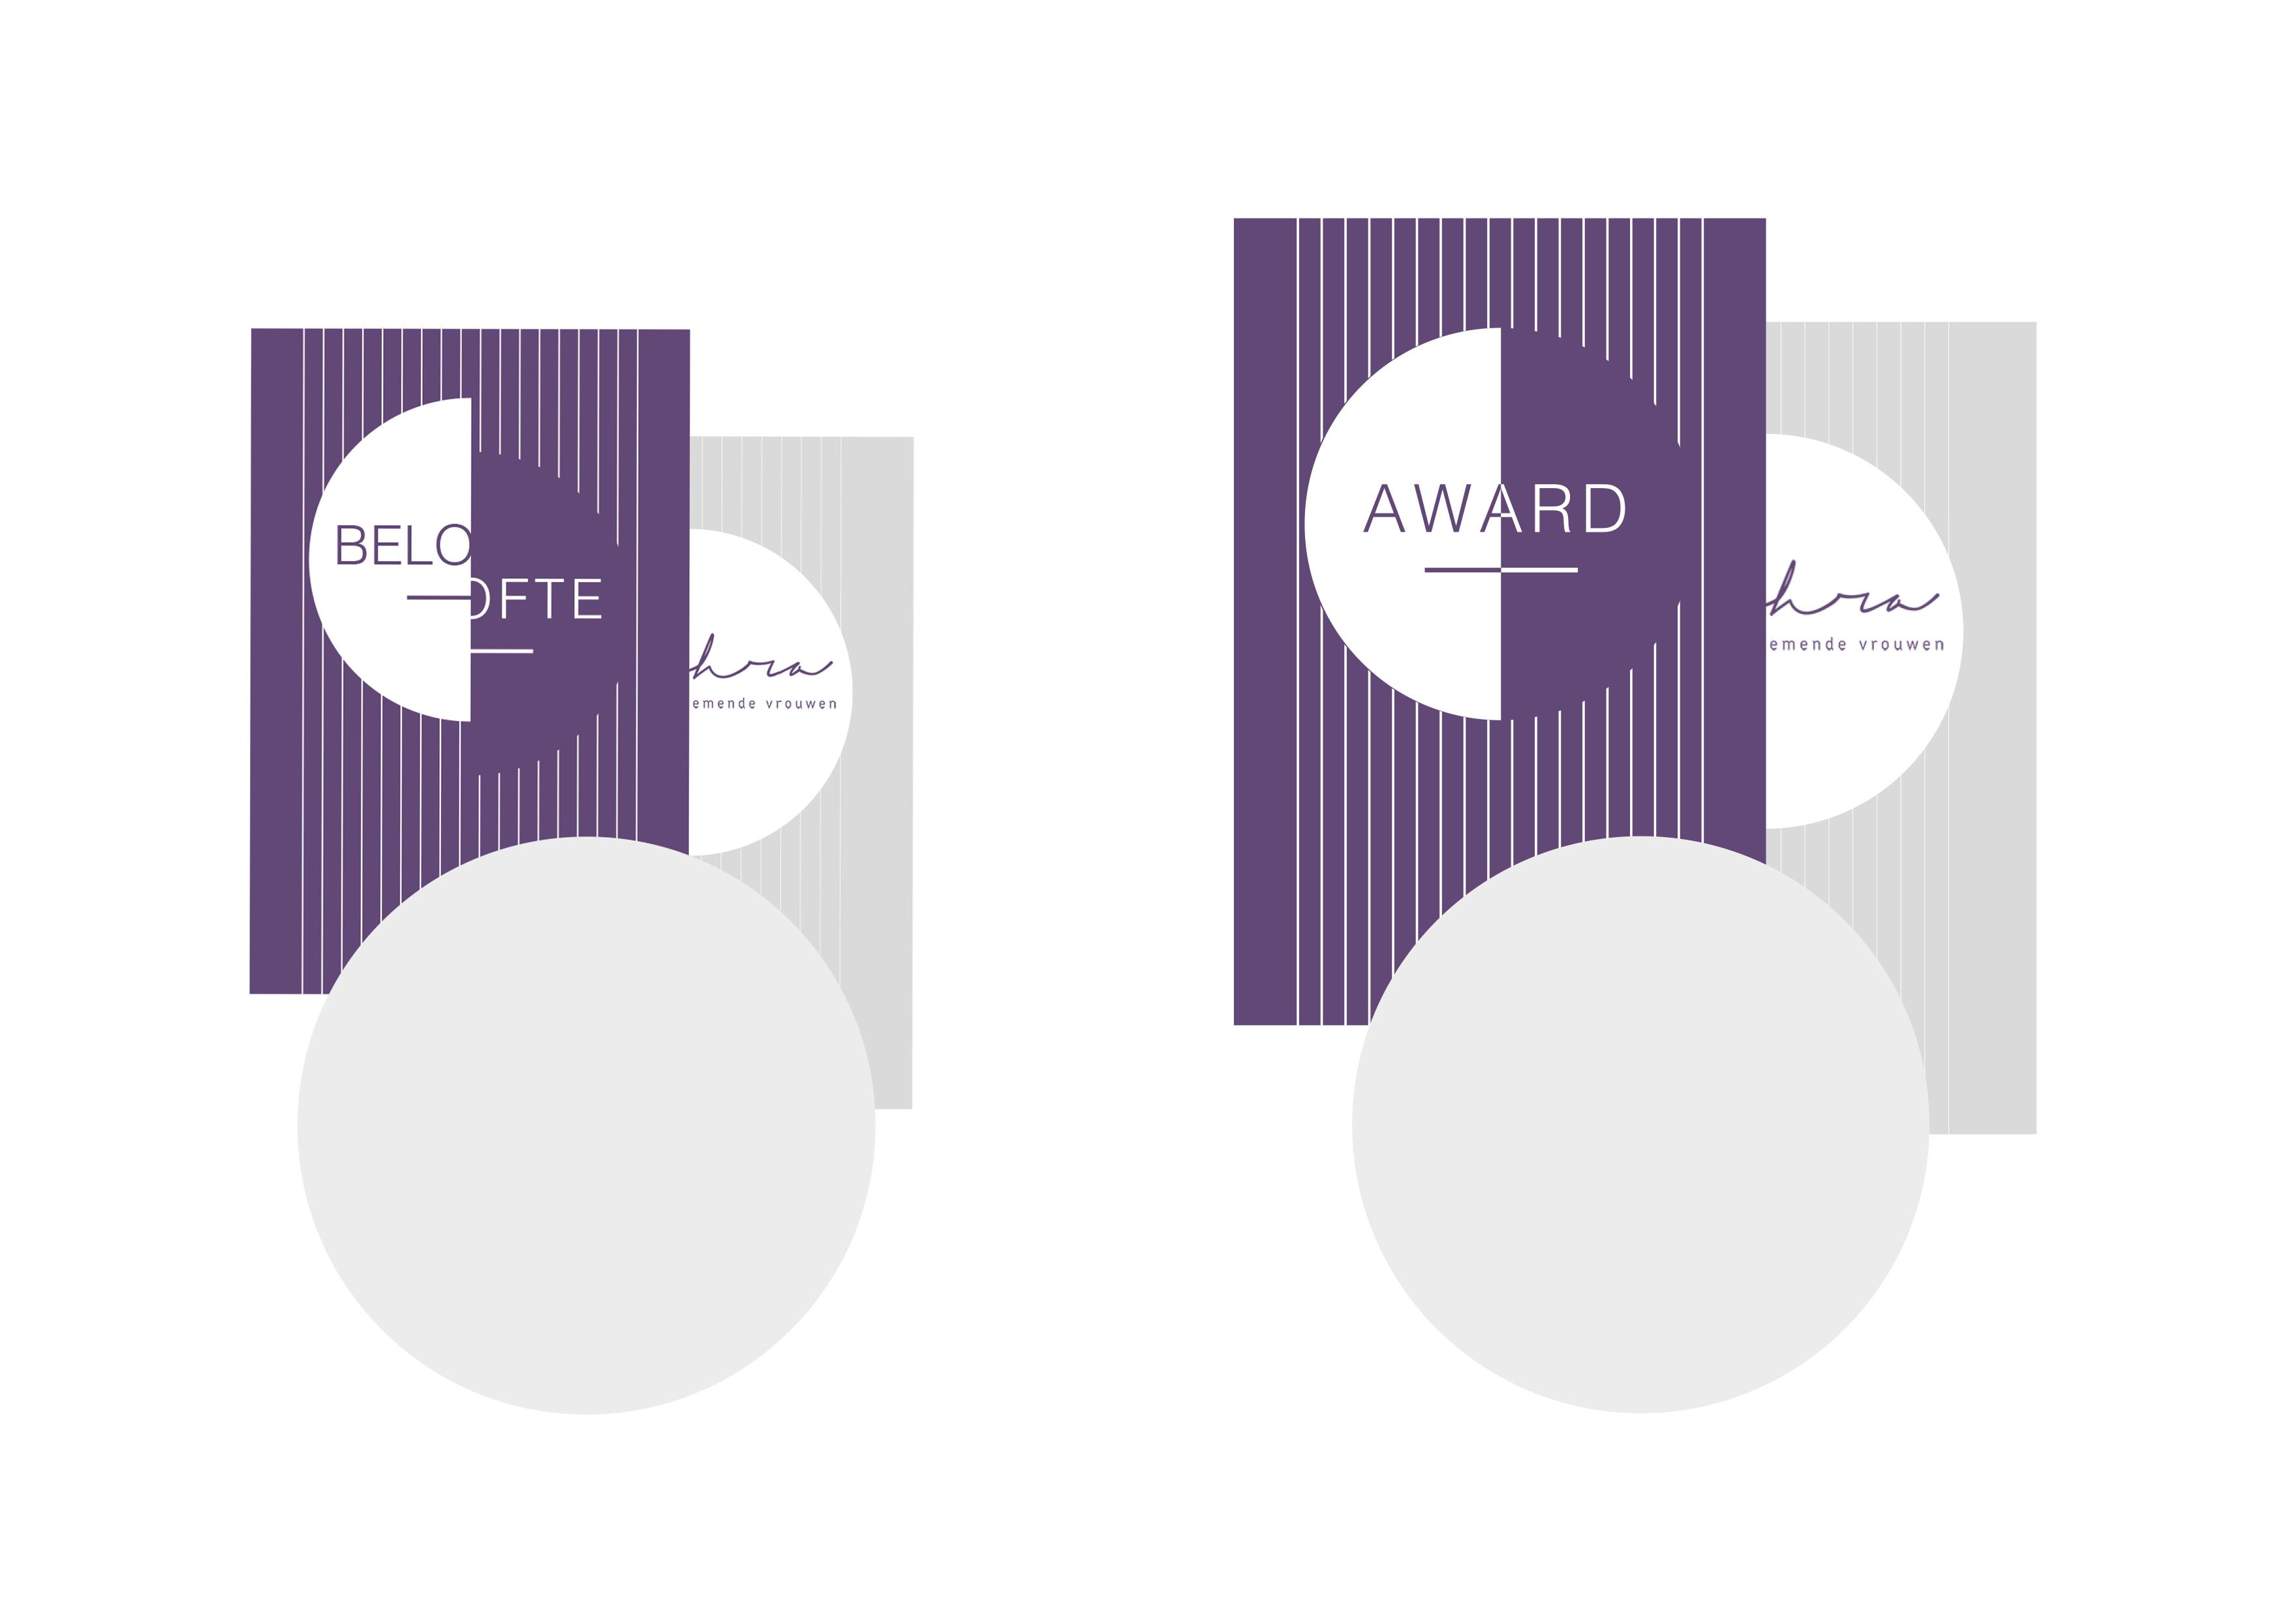 Anouk-Stoffels-Aithra-Award-Ontwerp5